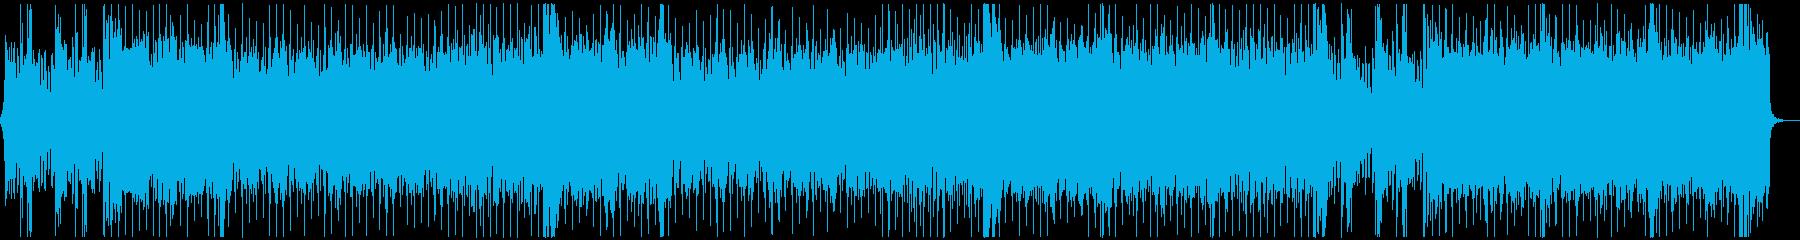 80's風 元気になるPOPSの再生済みの波形